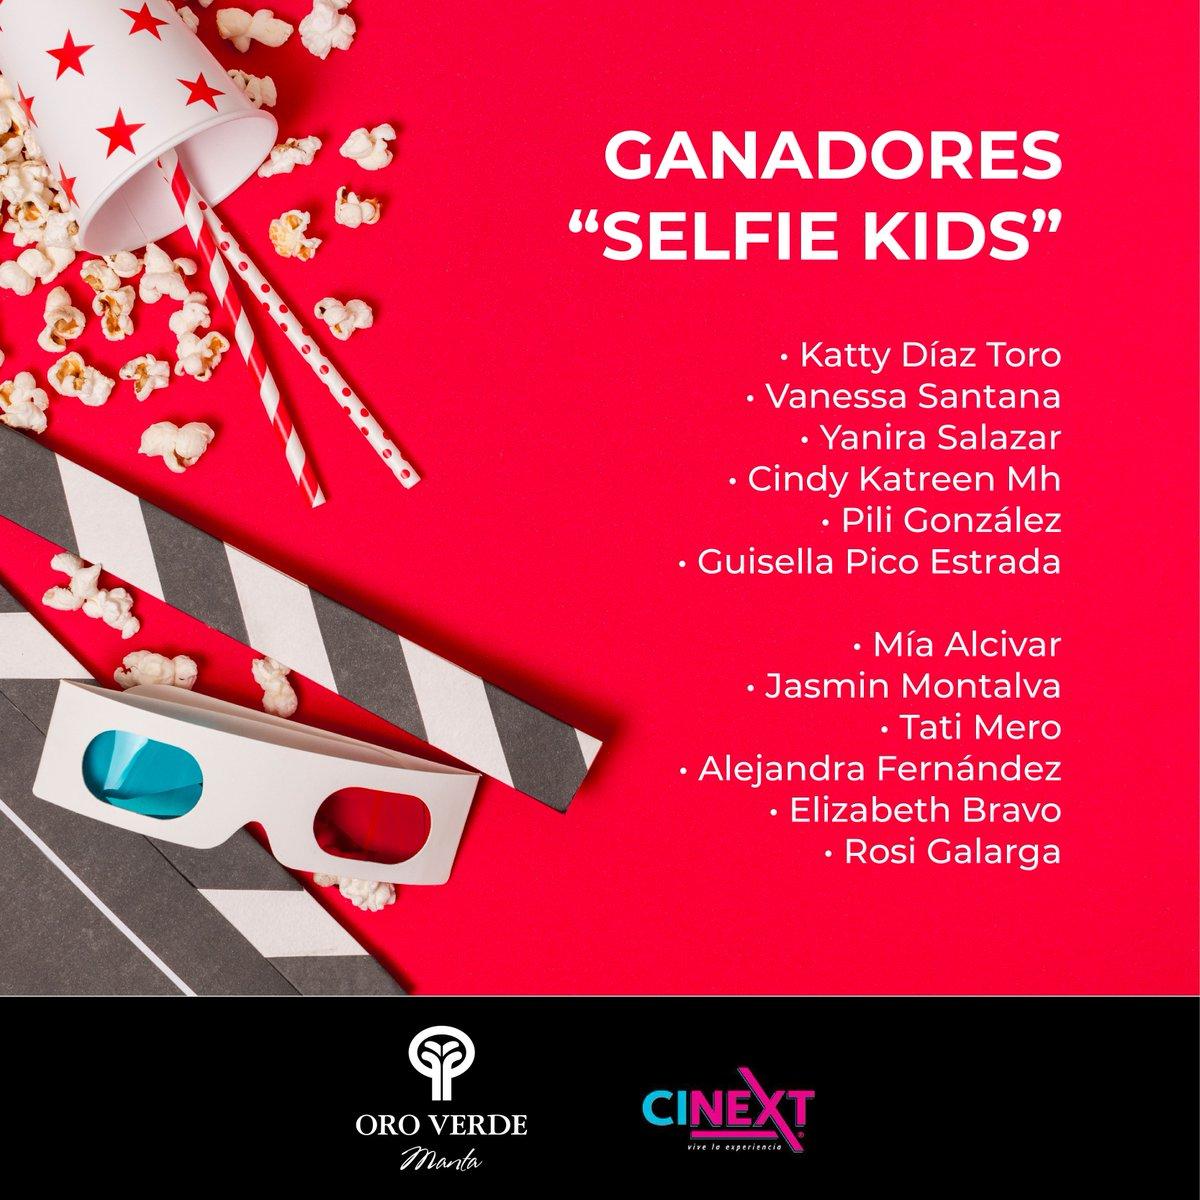 """¡GANADORES DE ENTRADAS A CINEXT! 🤩🤩🤩 Hotel Oro Verde Manta y Cinext Ecuador felicita a los ganadores de las dos últimas semanas del Concurso """"Selfie Kids"""". Un paraíso frente al mar les espera! #OroVerdeManta #Cinext #SelfieKids https://t.co/bUkXoY218h"""